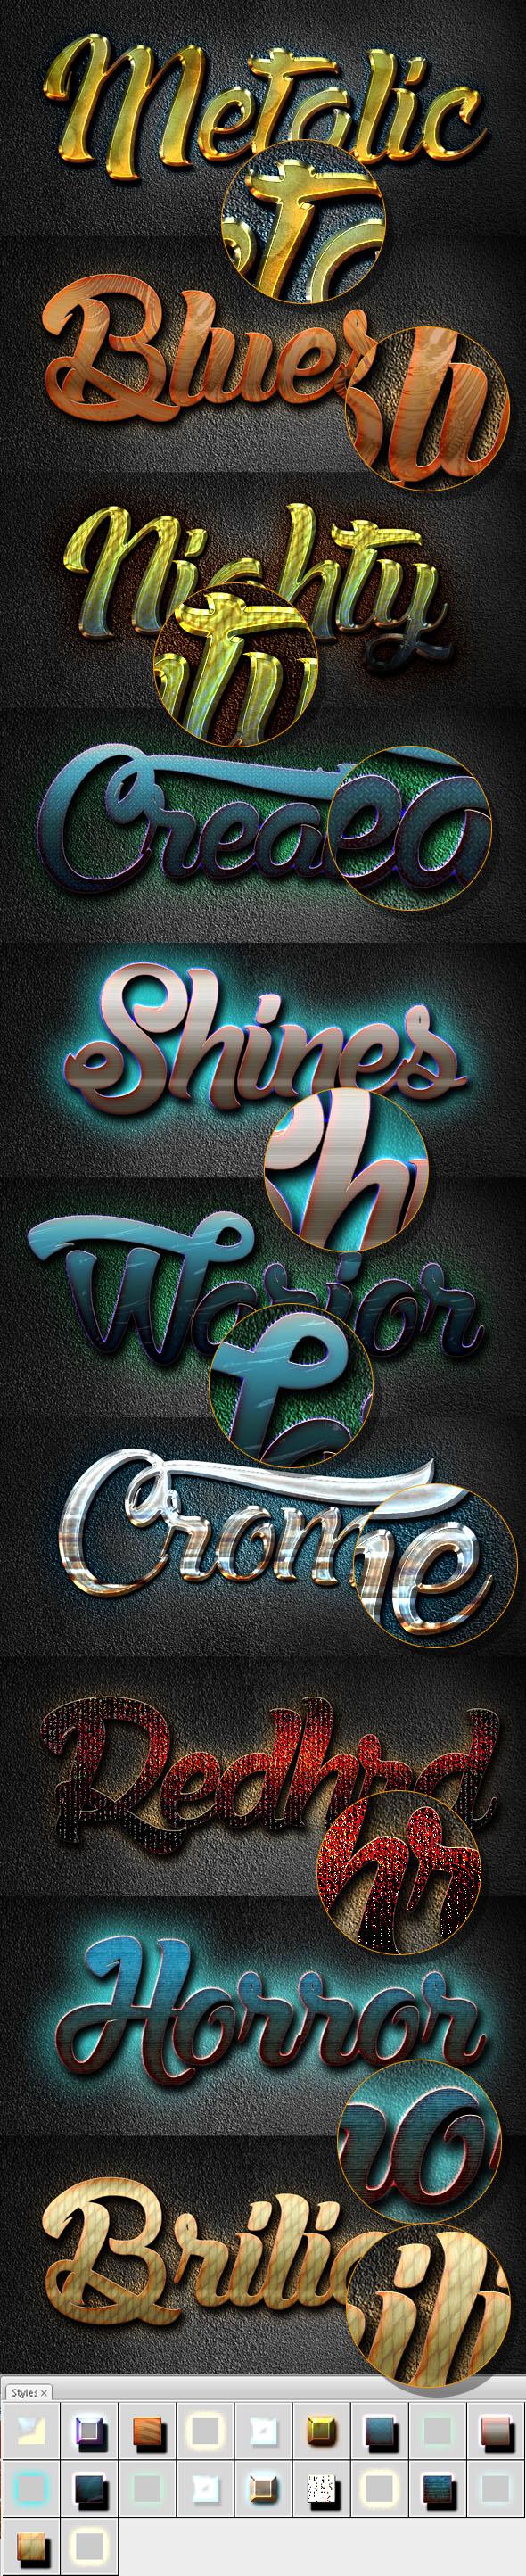 10 3D Text Styles D_59 - Styles Photoshop